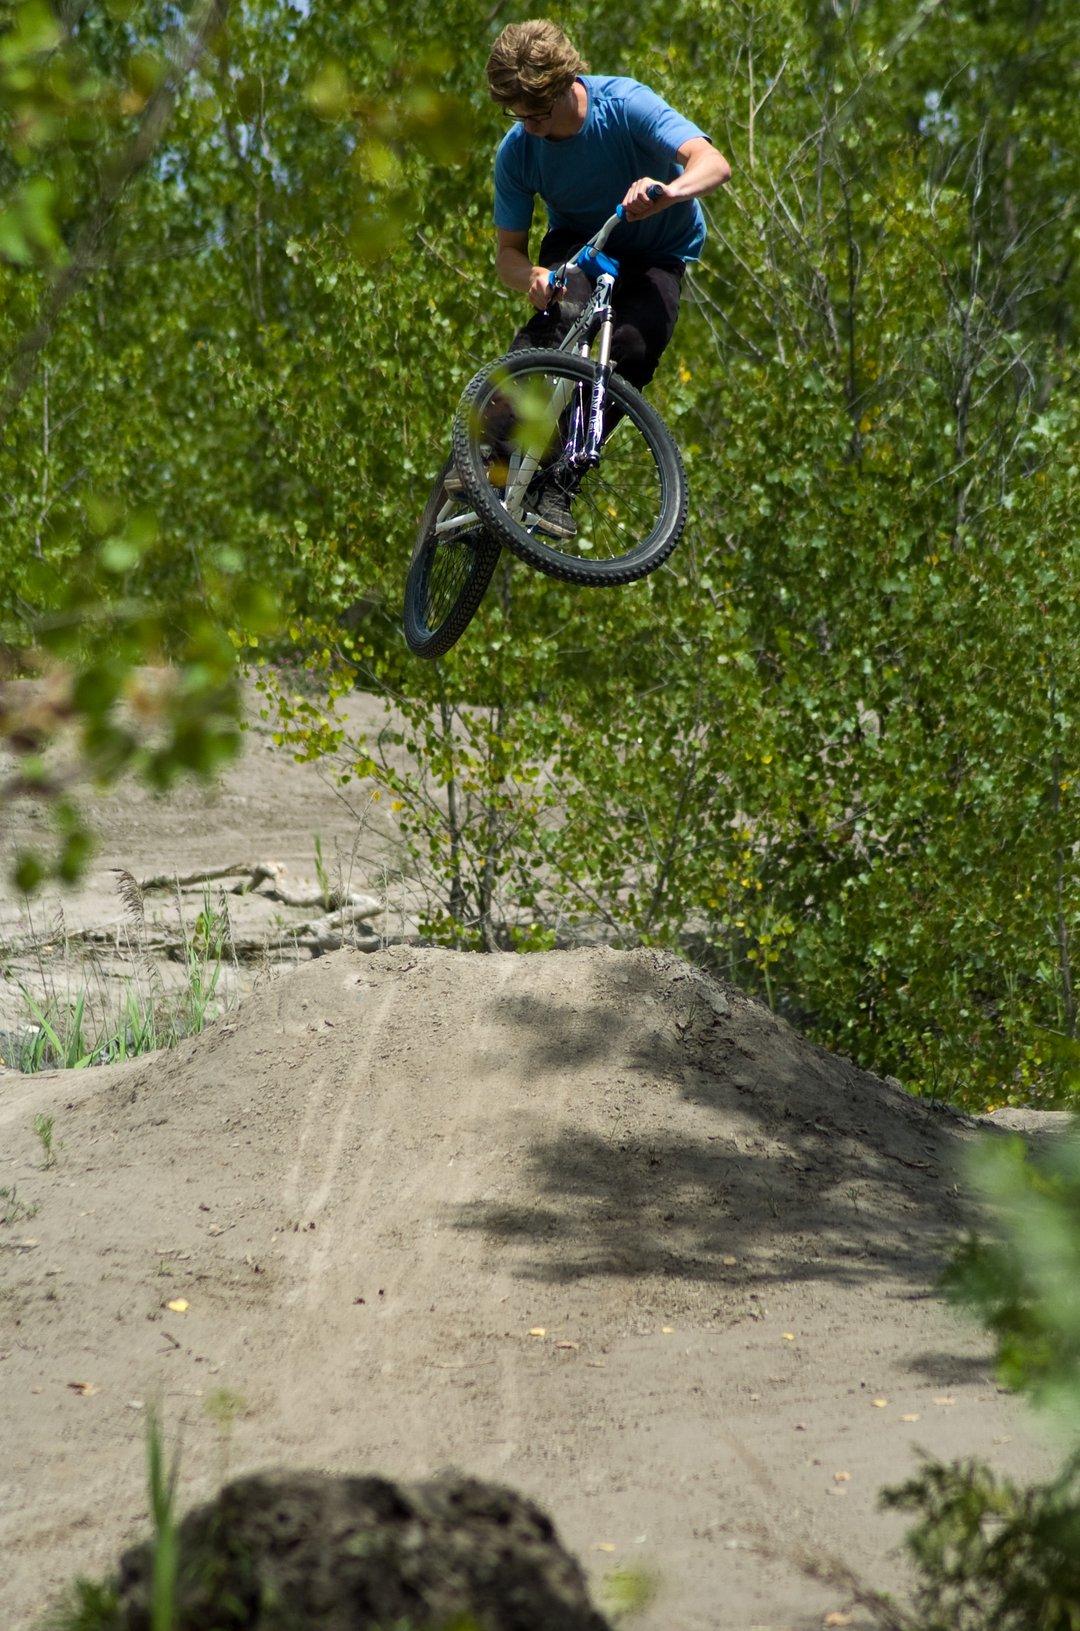 Biking at Skytop